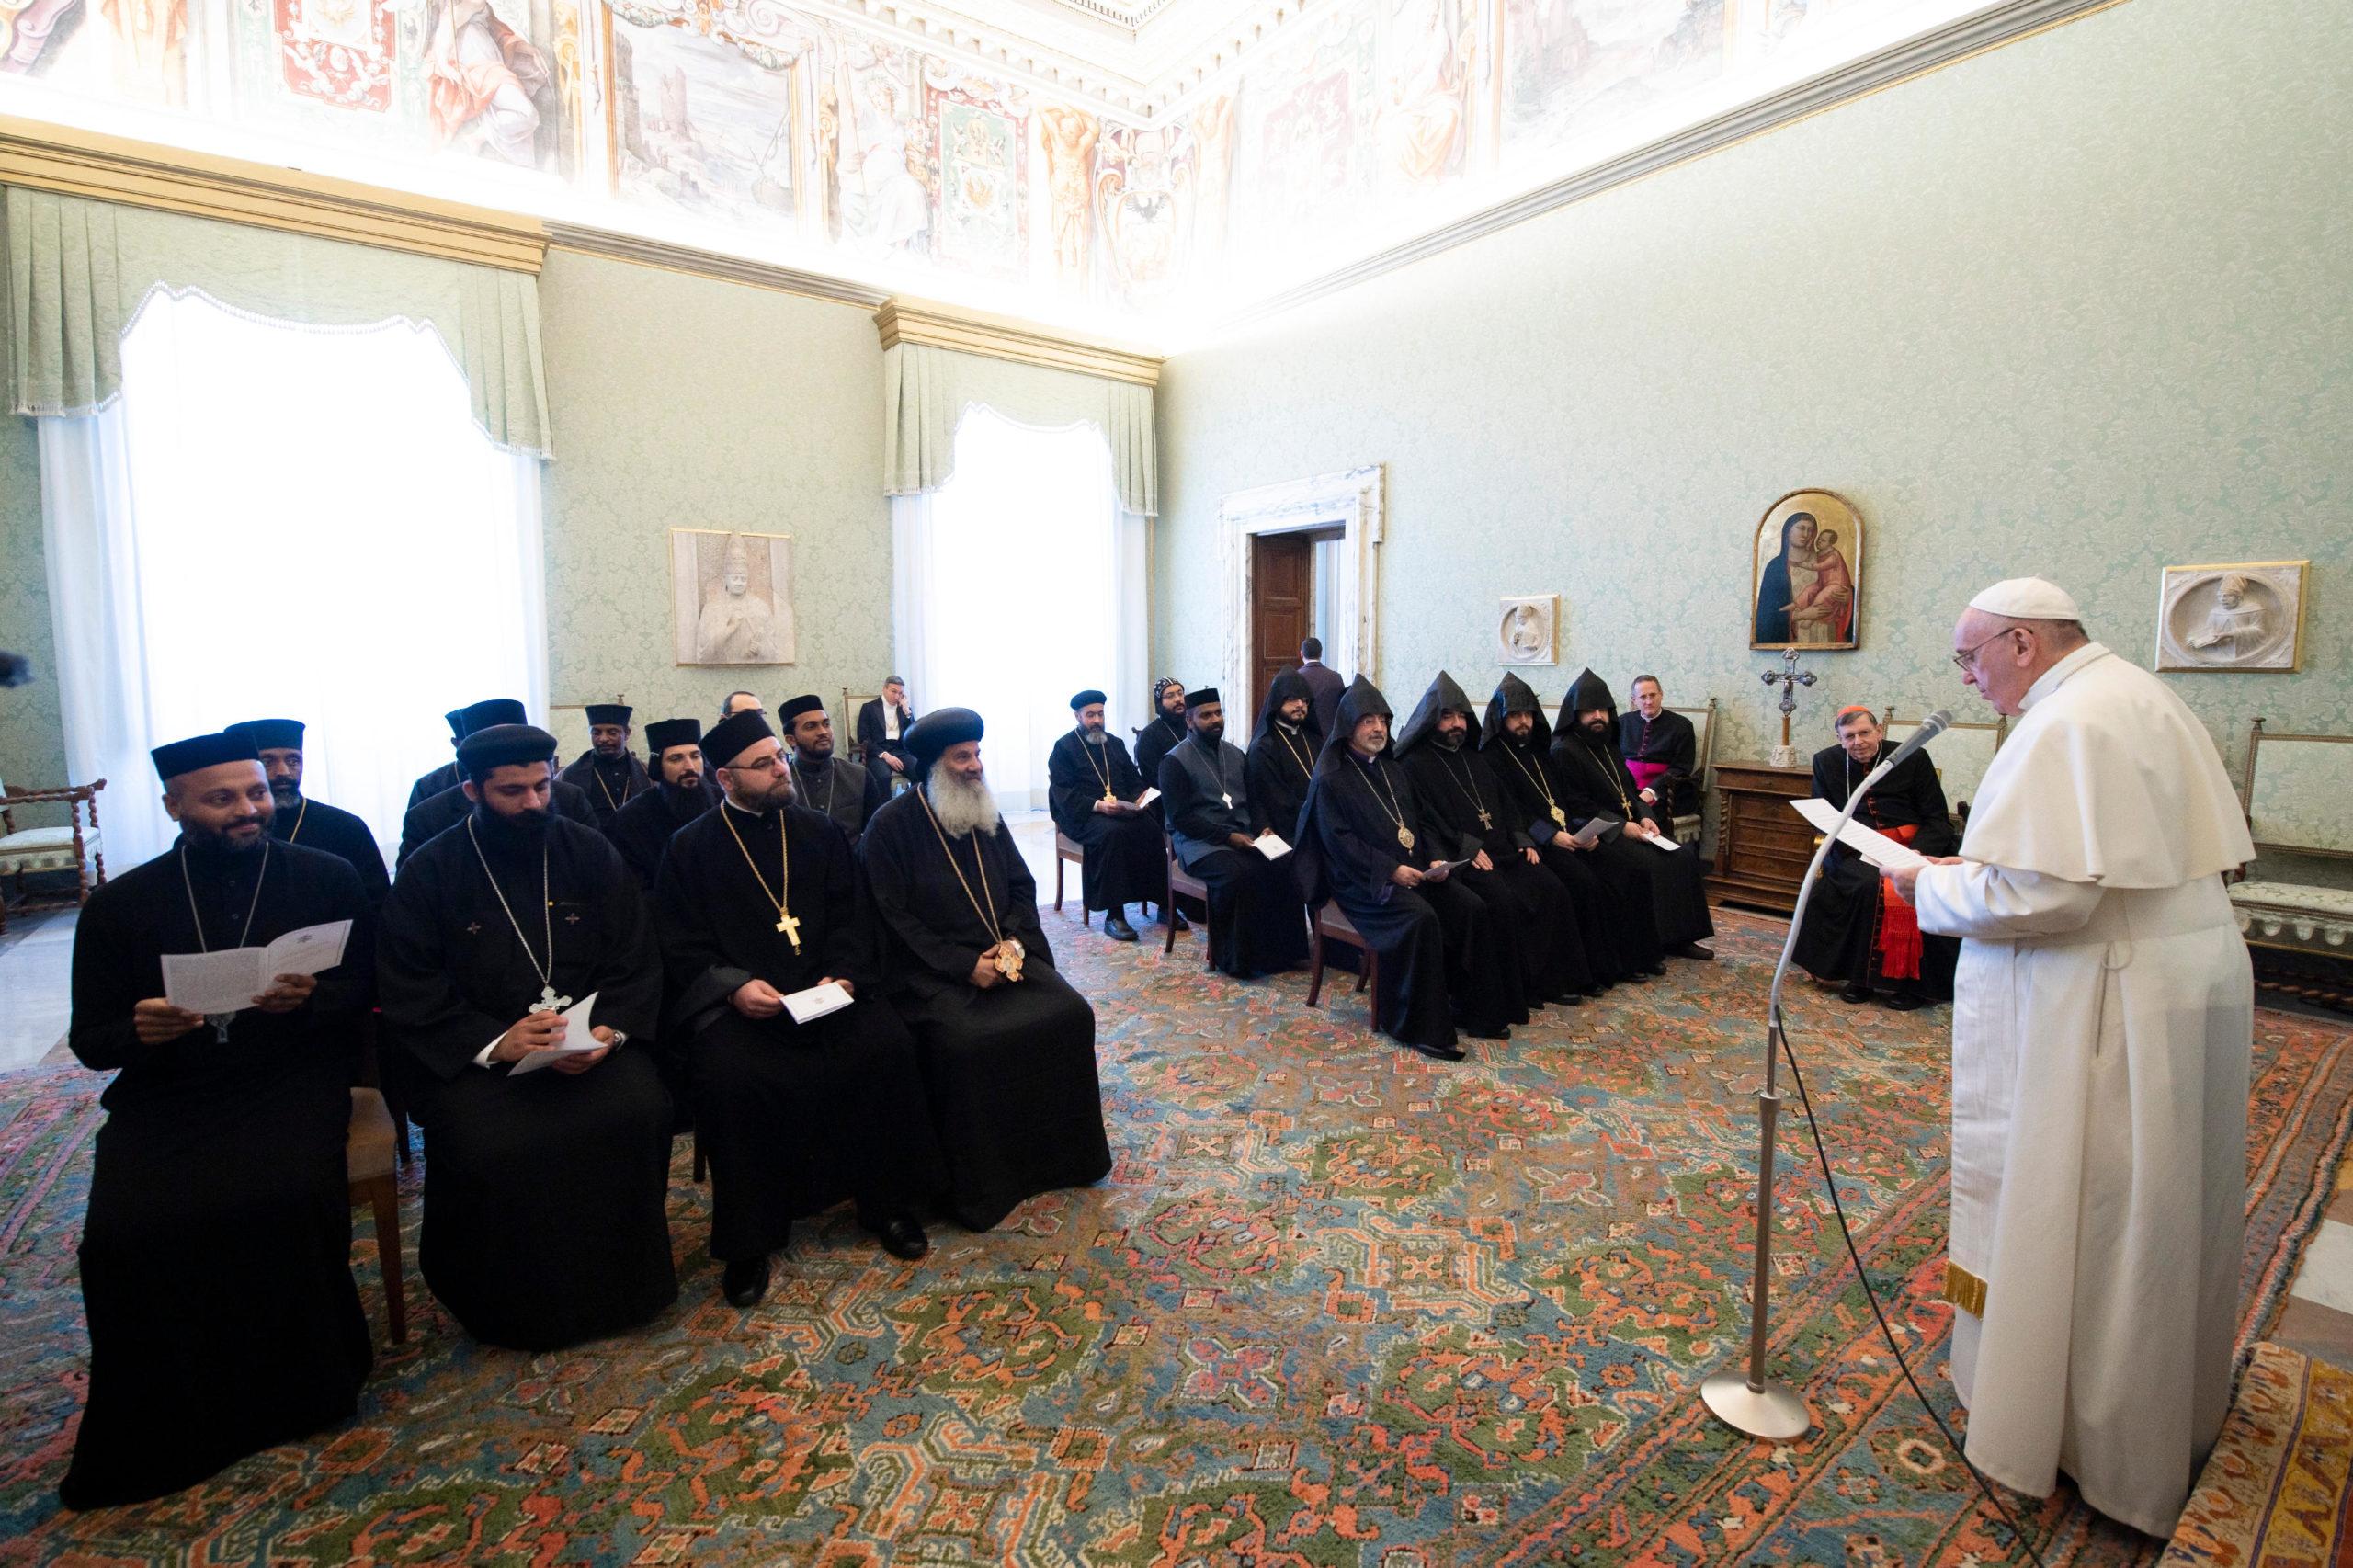 Délégation de prêtres orthodoxes, 21 février 2020 © Vatican Media